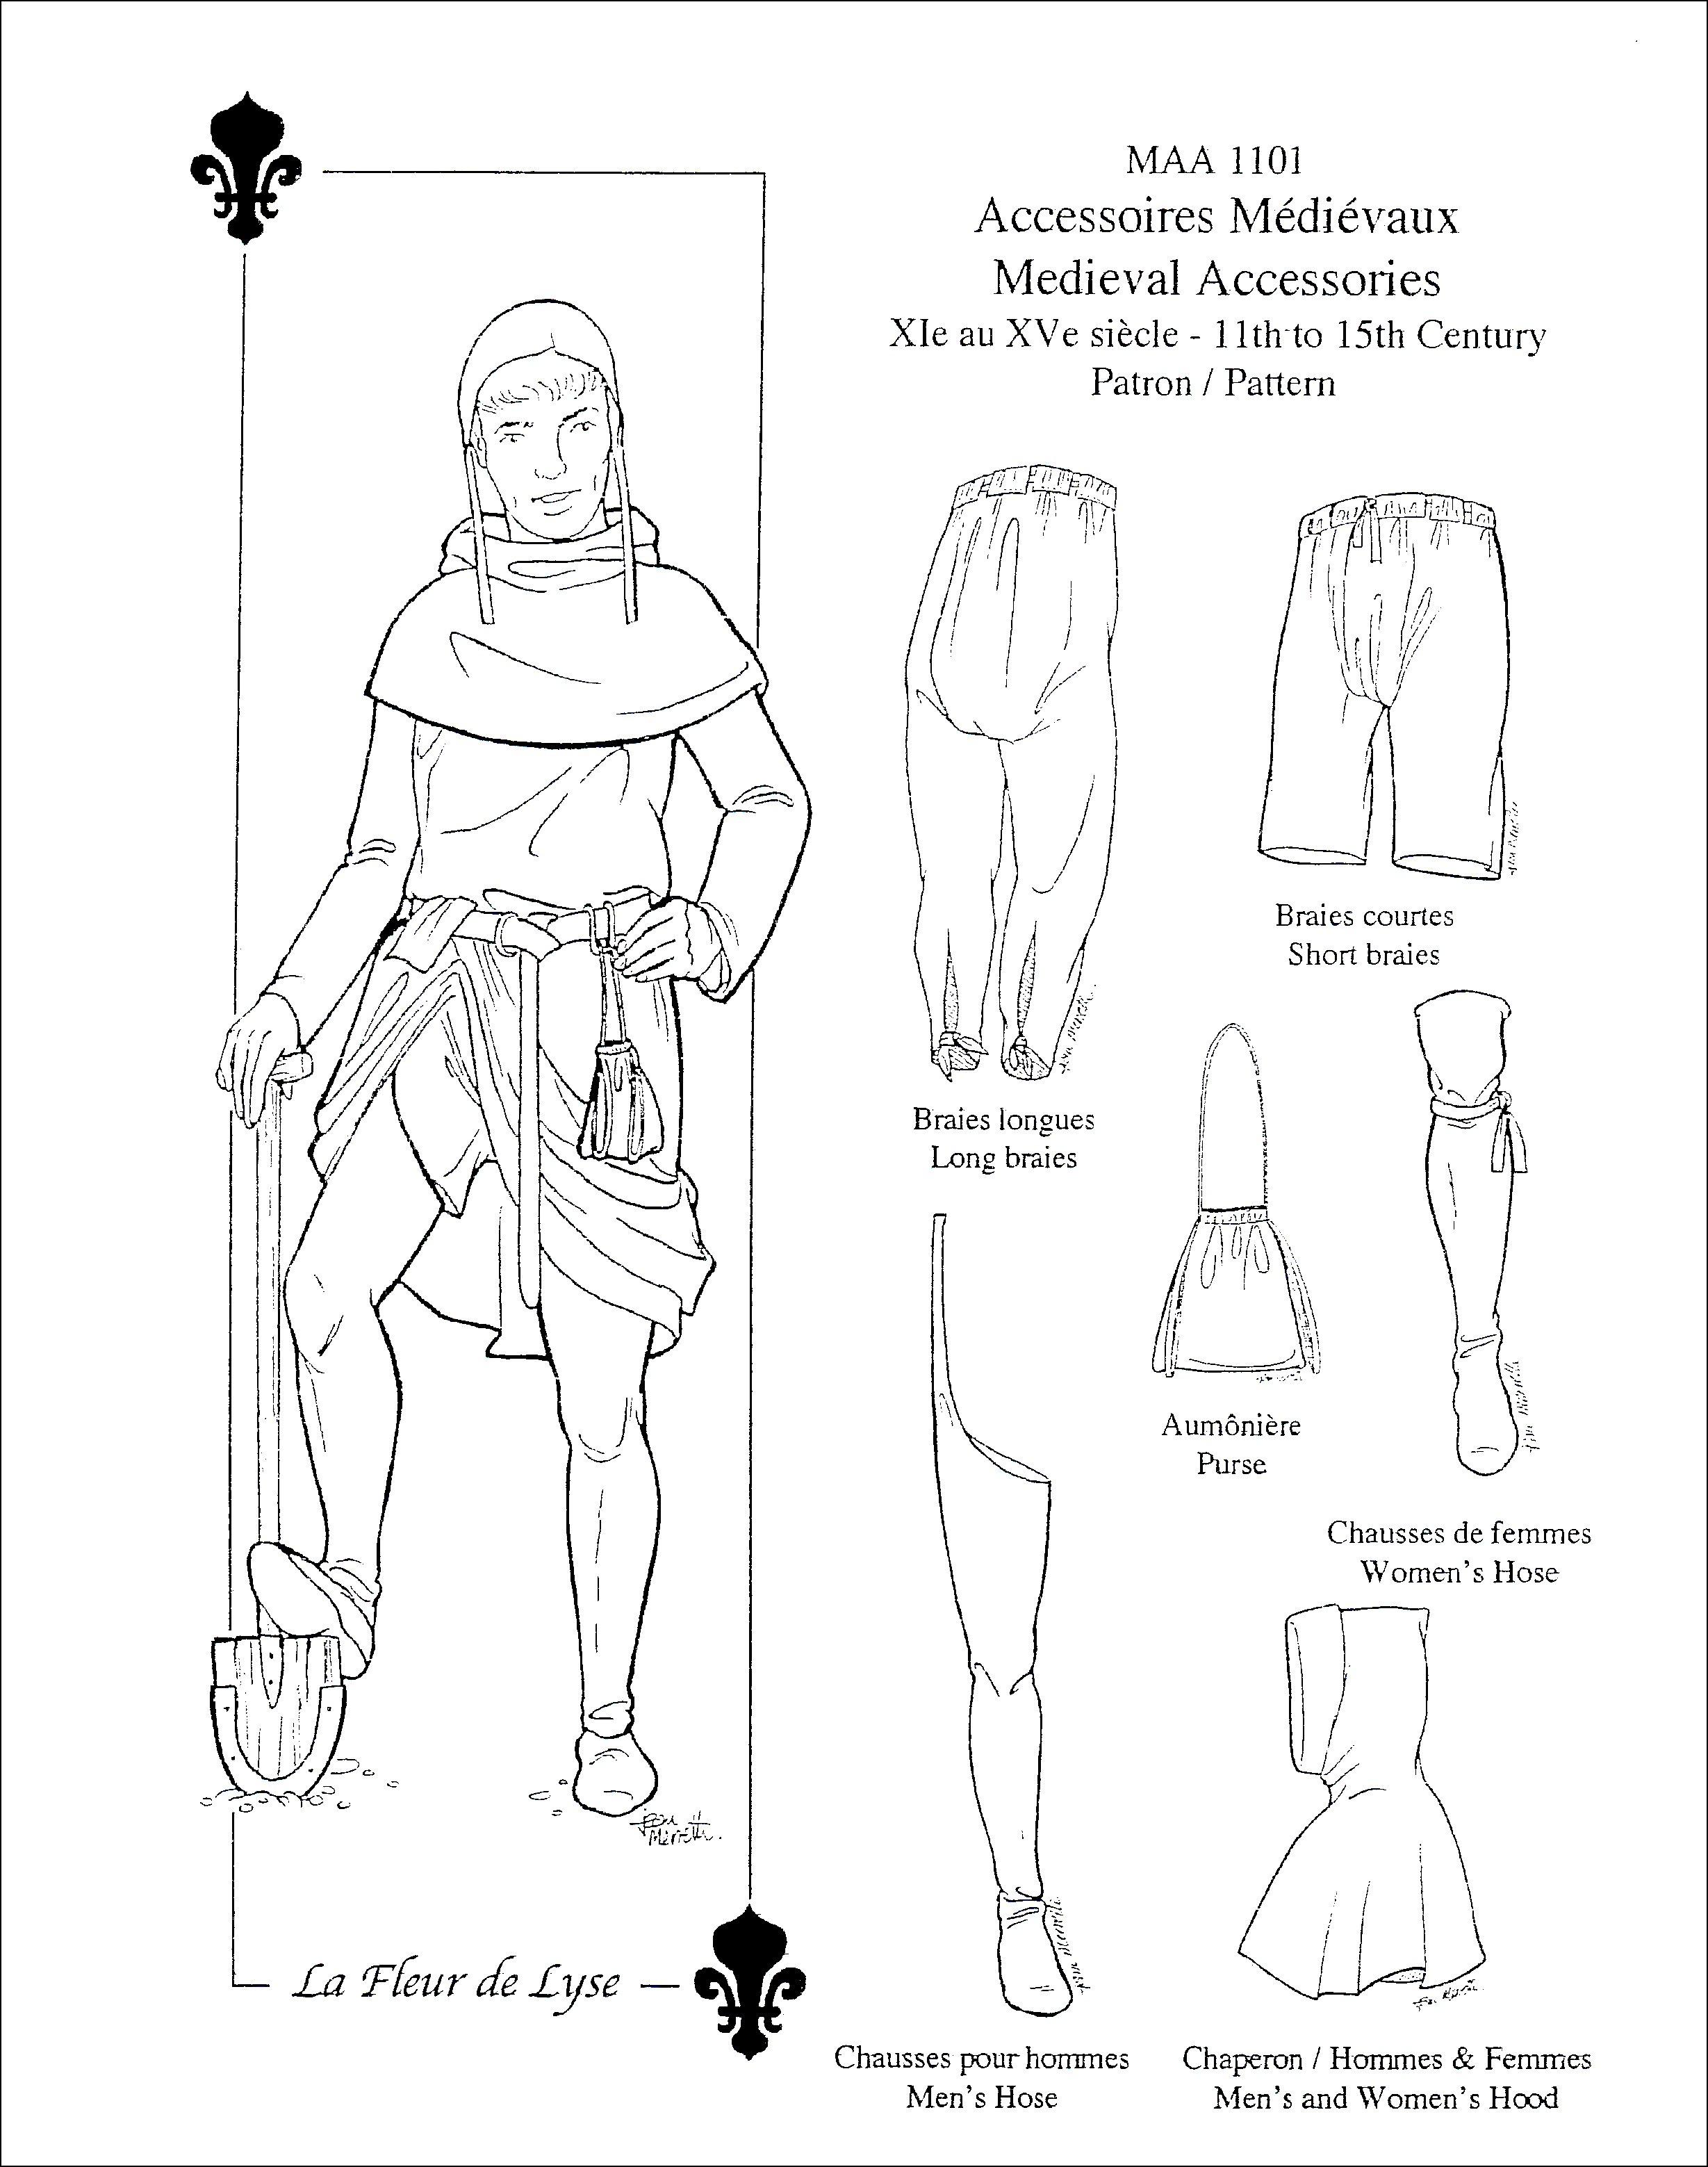 Mittelalterliche Accessoires 11.-15. Jh. für Damen und Herren ...